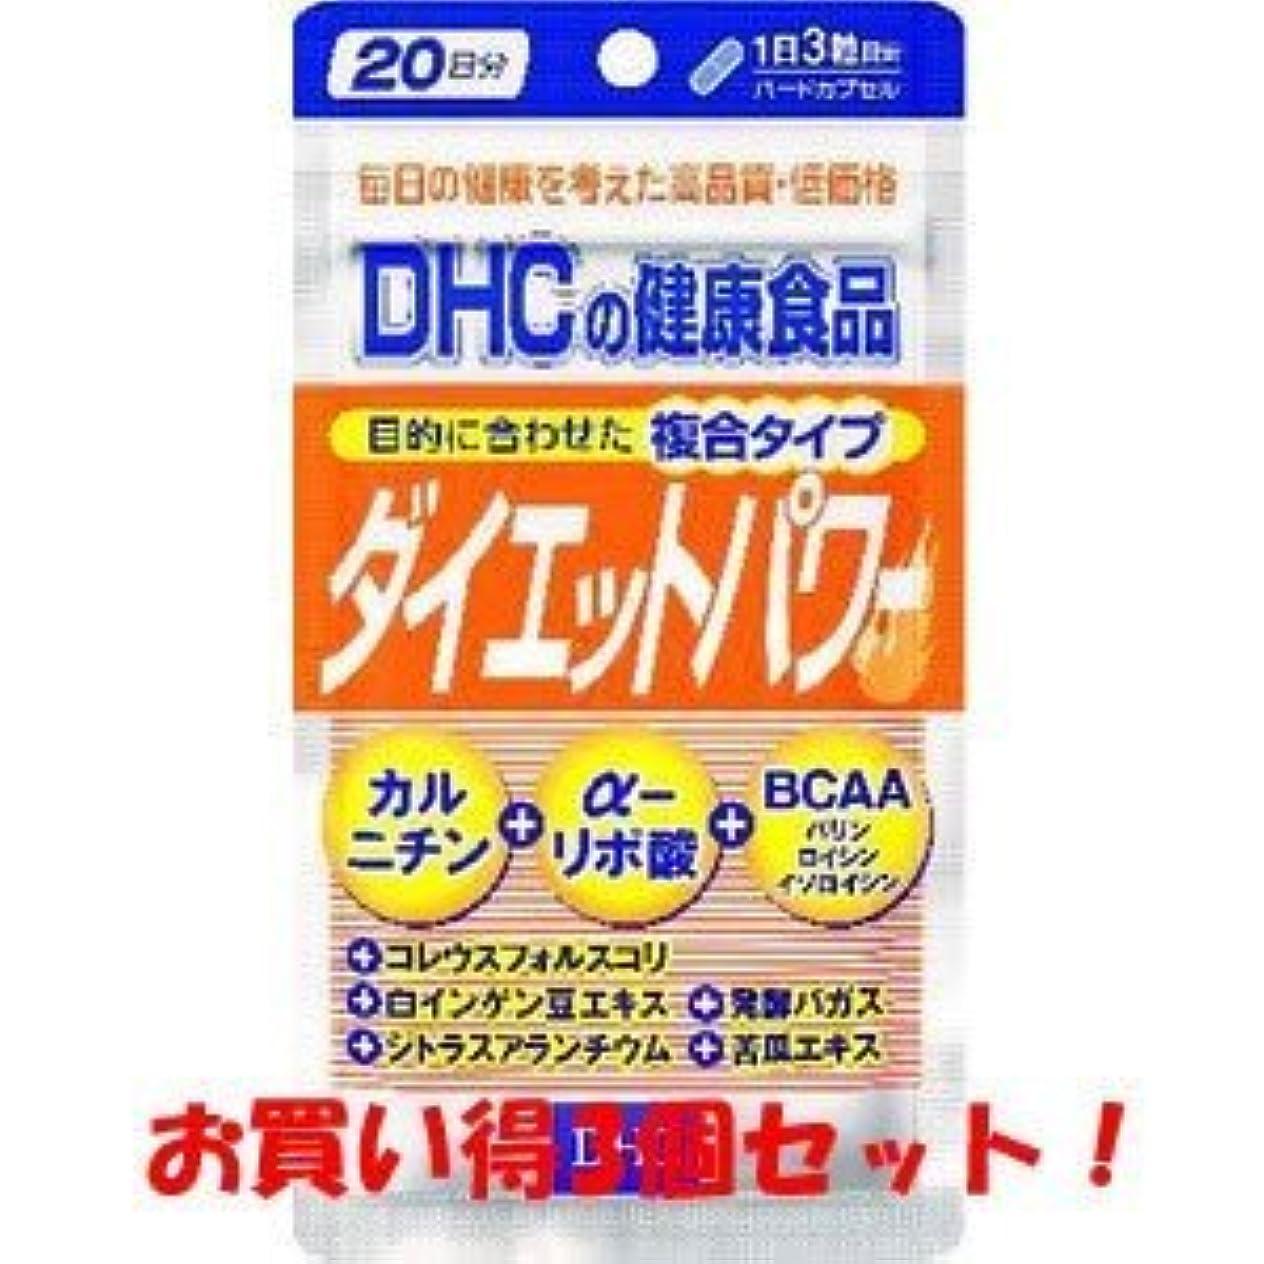 石炭悲しい神経障害DHC ダイエットパワー20日分 60粒(お買い得3個セット)